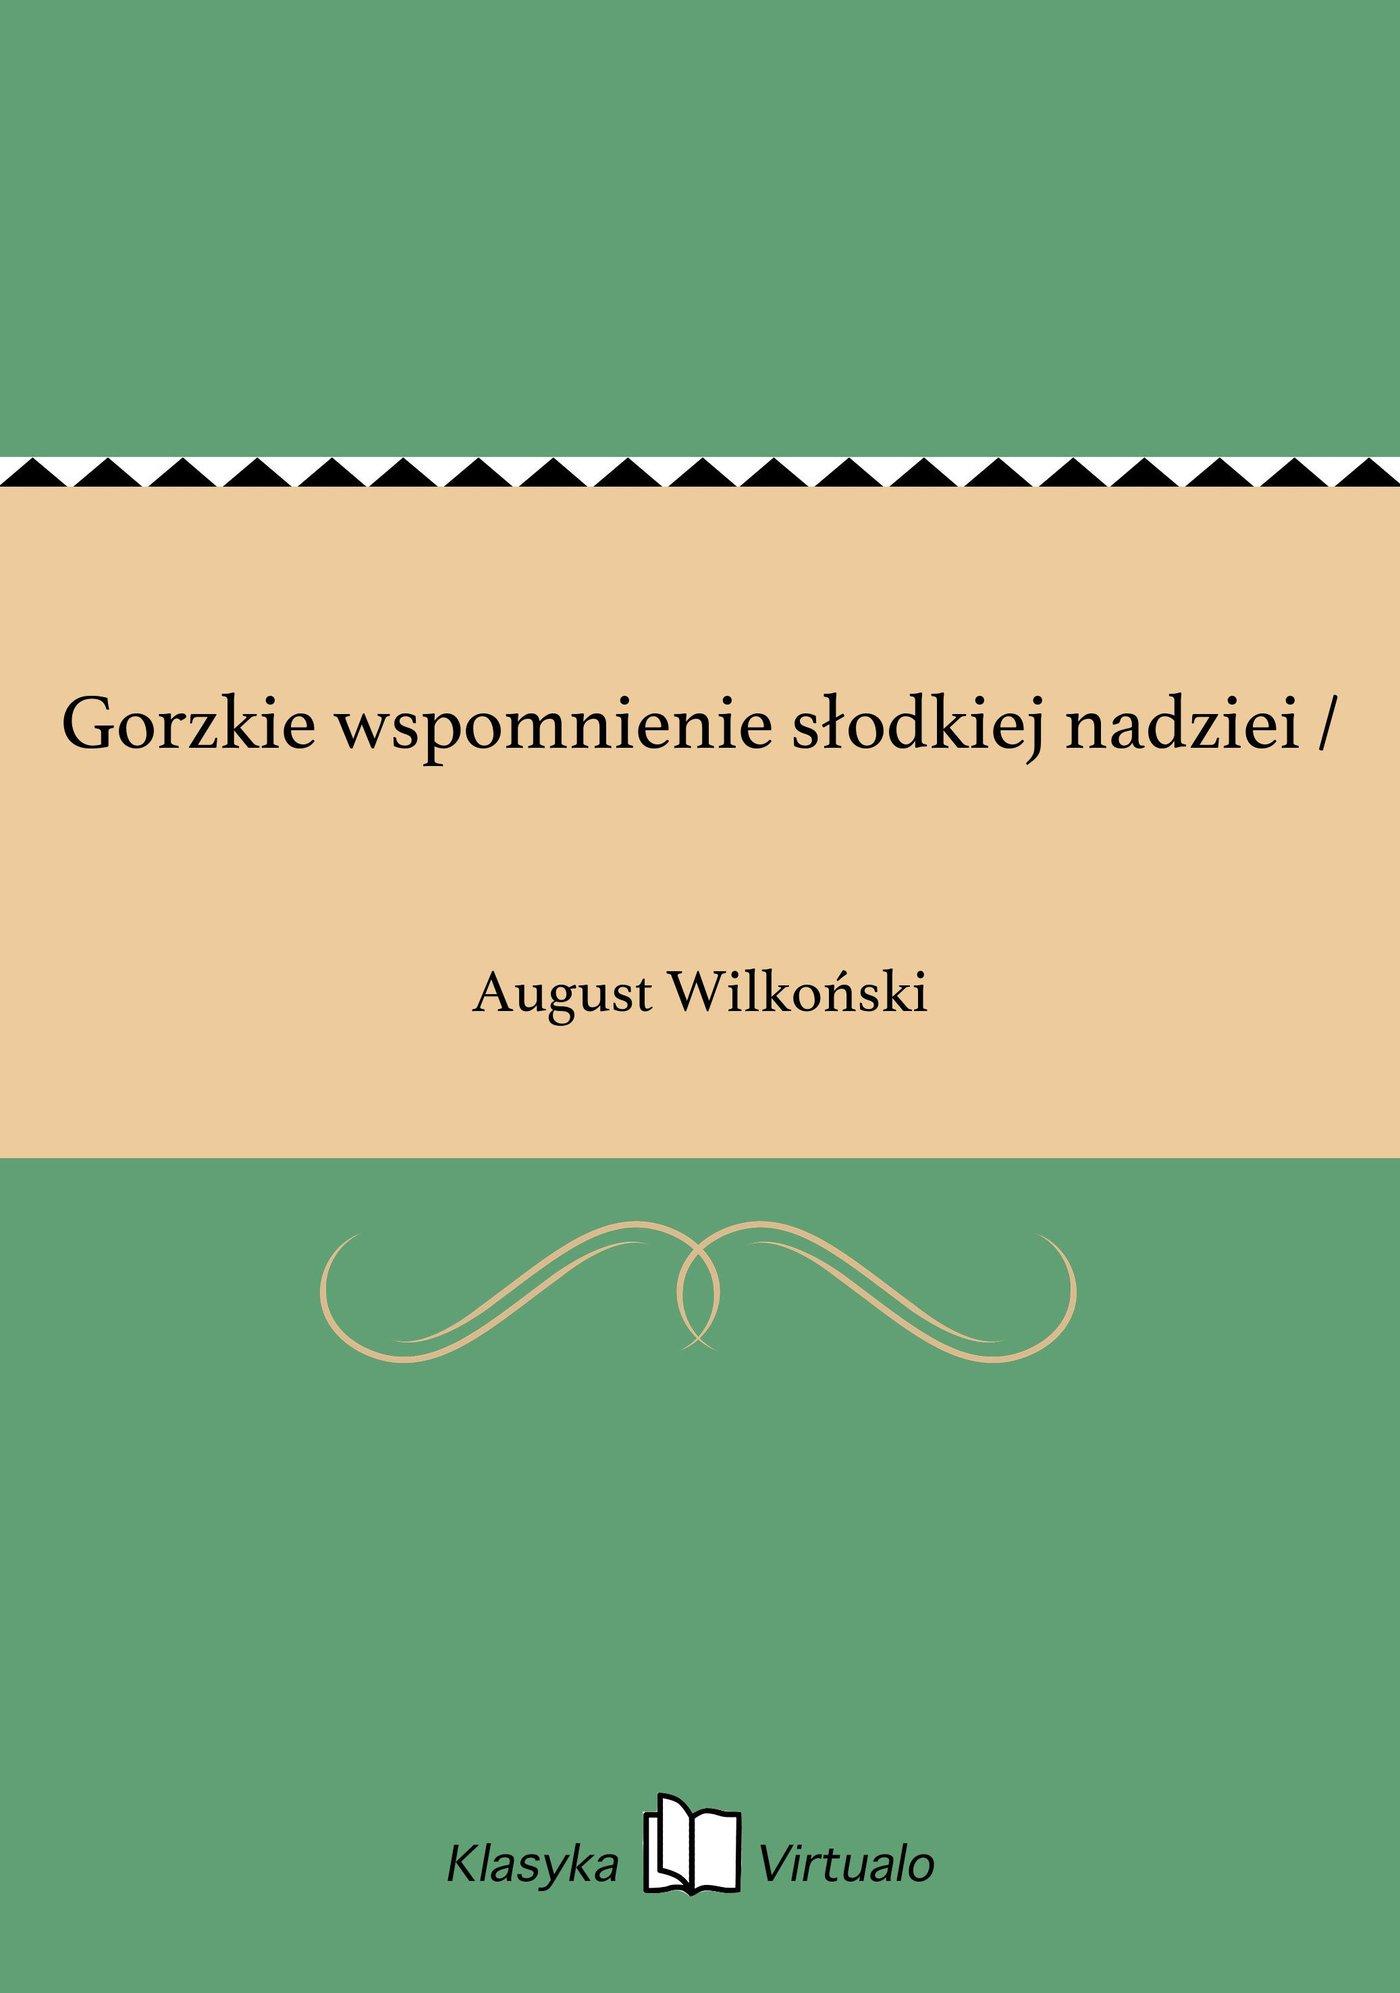 Gorzkie wspomnienie słodkiej nadziei / - Ebook (Książka EPUB) do pobrania w formacie EPUB